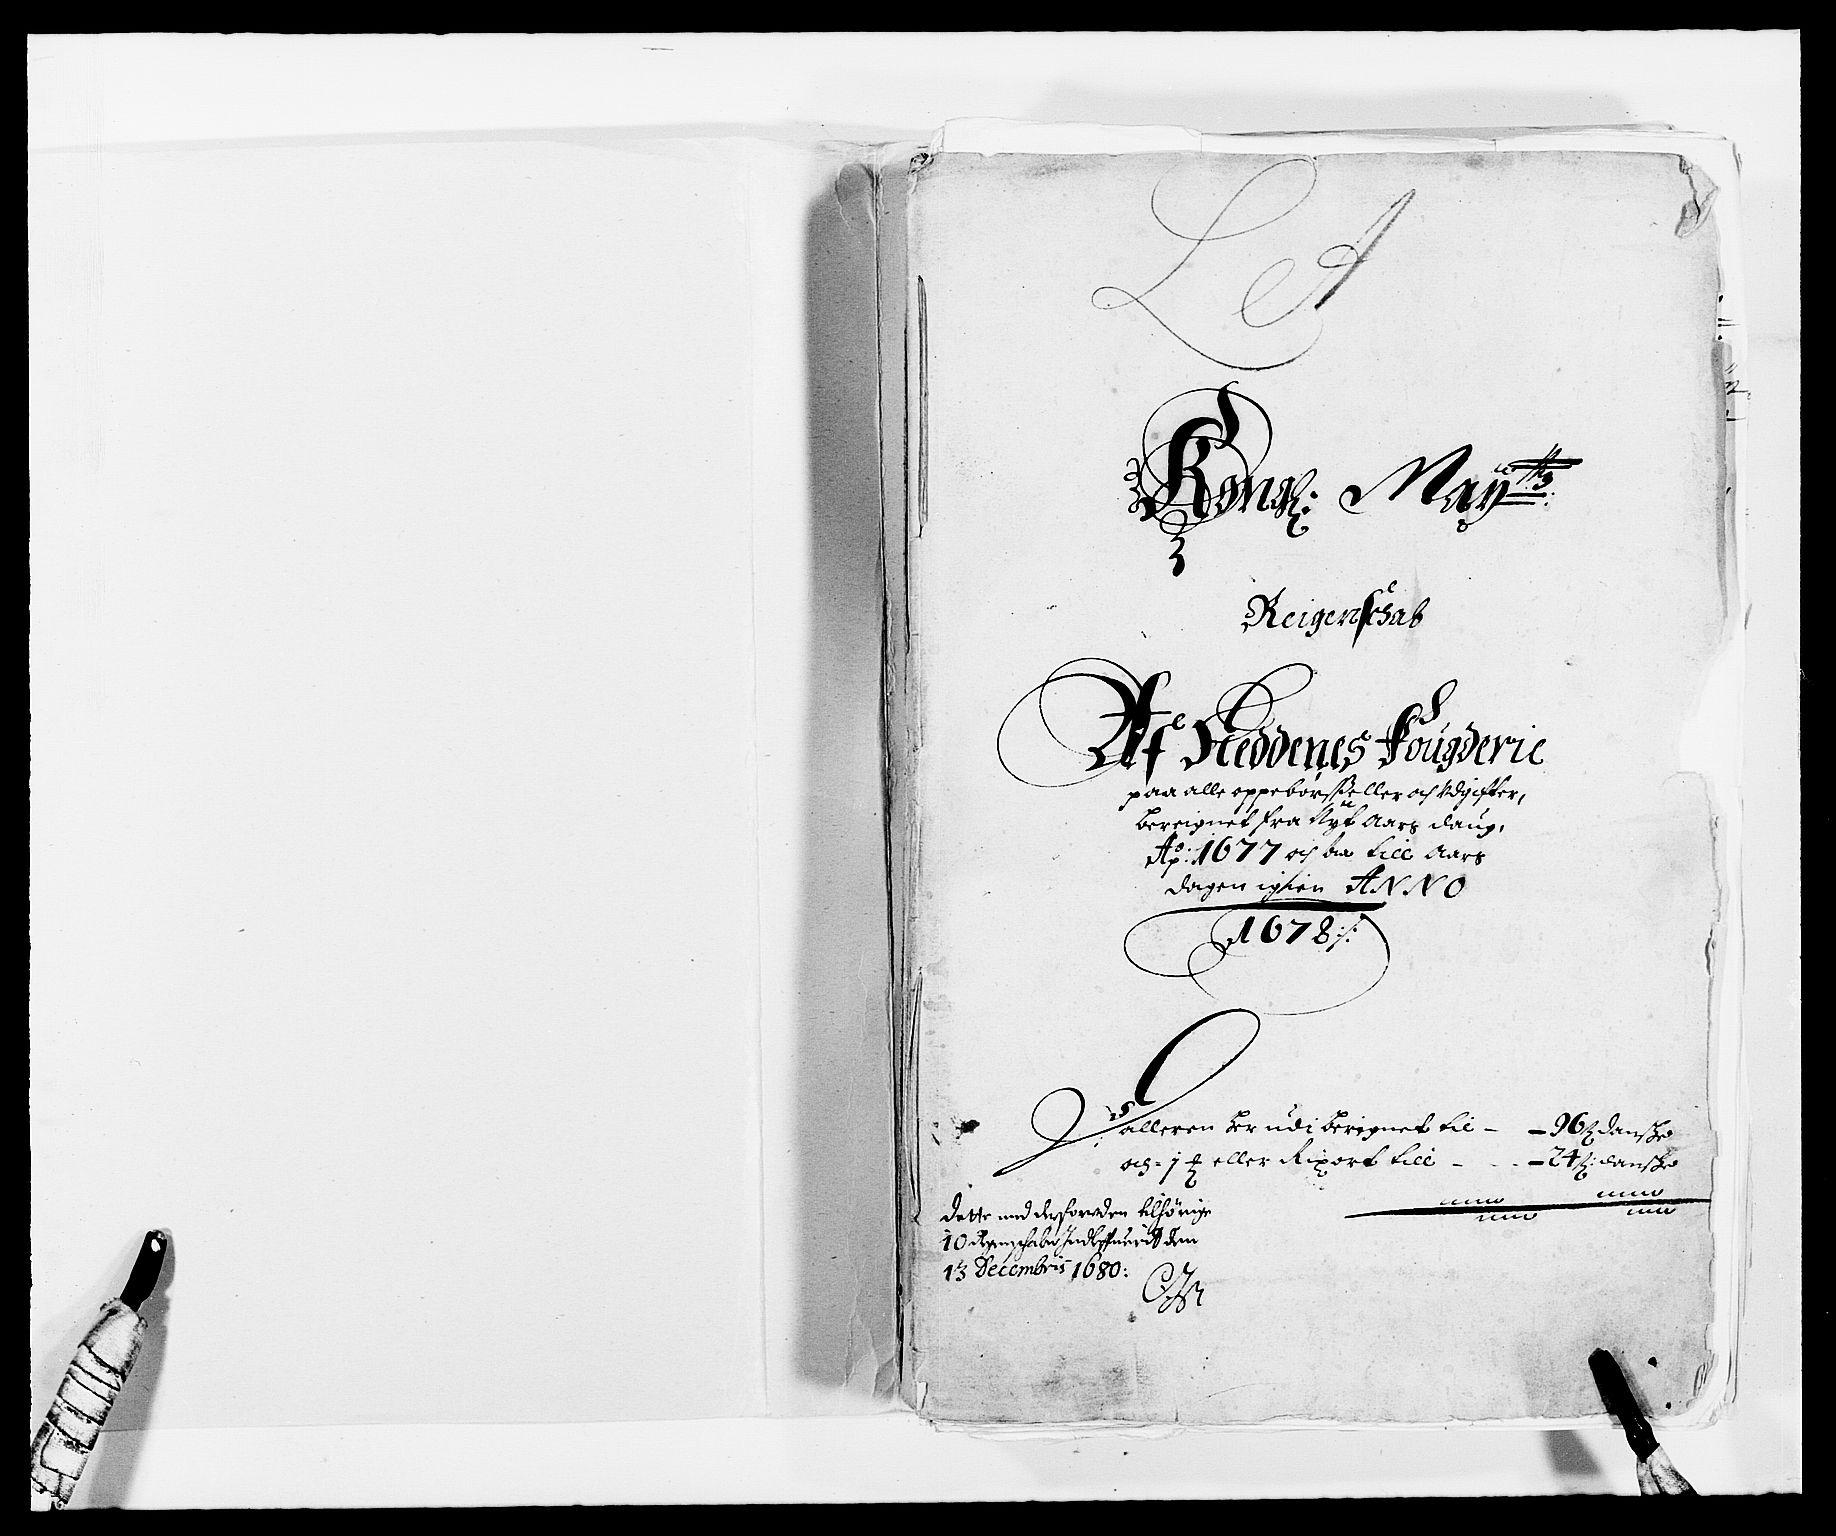 RA, Rentekammeret inntil 1814, Reviderte regnskaper, Fogderegnskap, R39/L2302: Fogderegnskap Nedenes, 1677-1678, s. 2